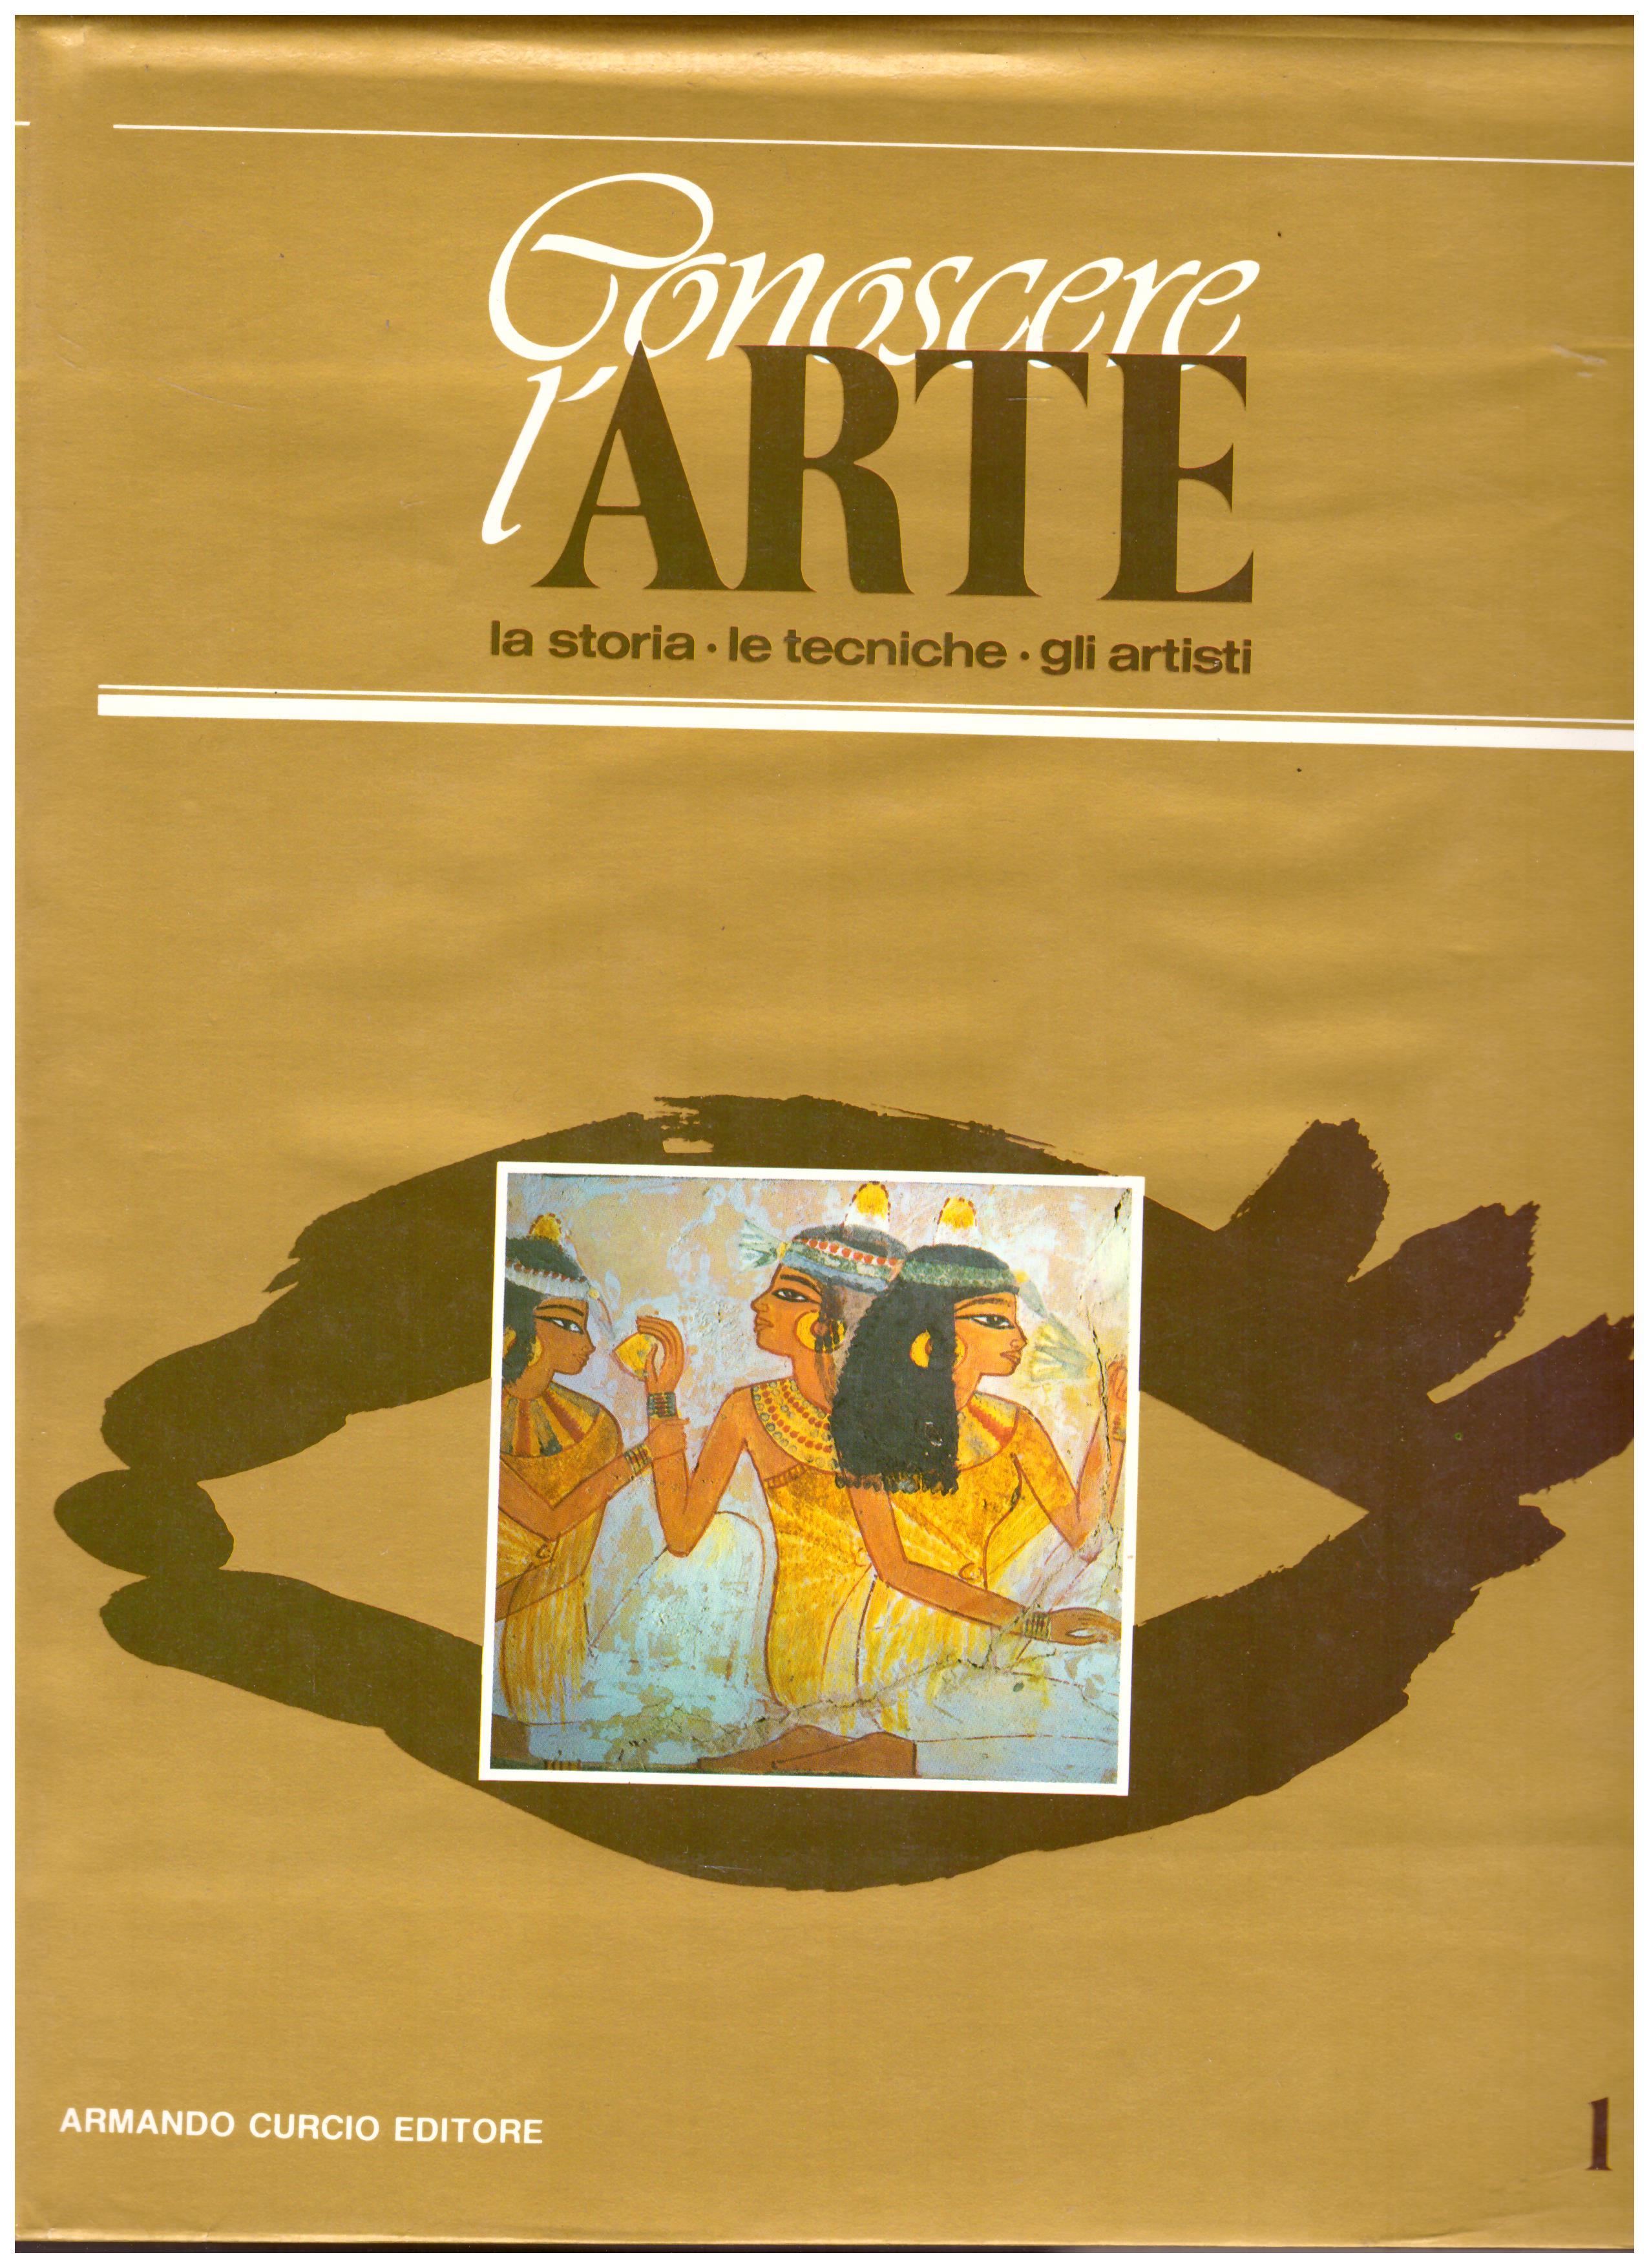 Titolo: Conoscere l'arte n.1  Autore: AA.VV.  Editore: Armando Curcio editore 1986